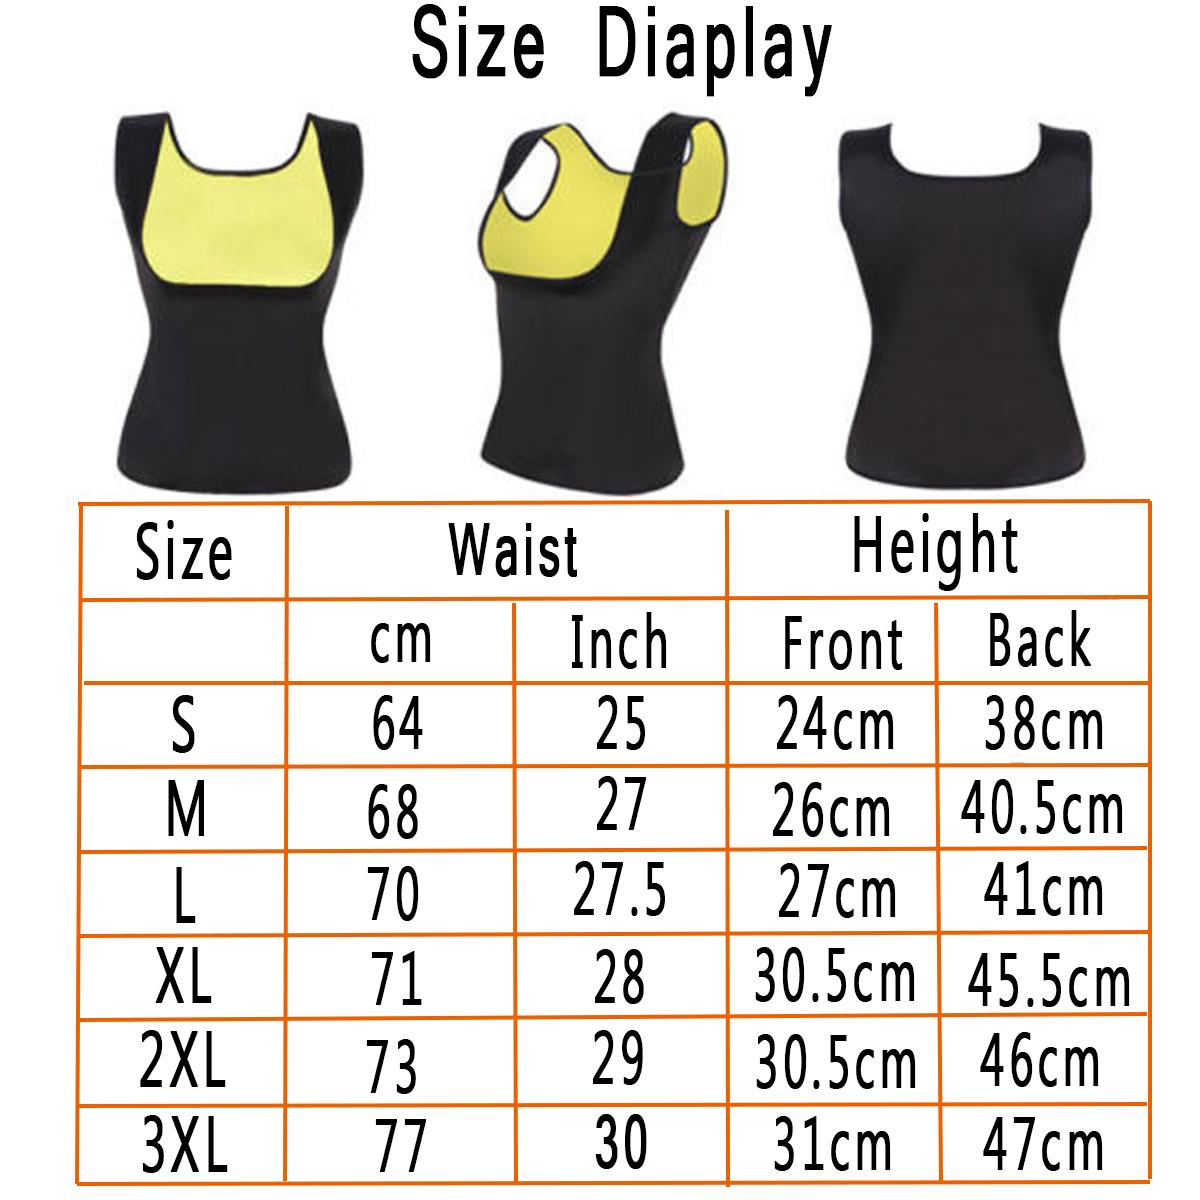 Women's Slimming Hot Sweat Vest Body Shaper Control Neoprene Tummy Fat Burner Shapewear Tracksuit